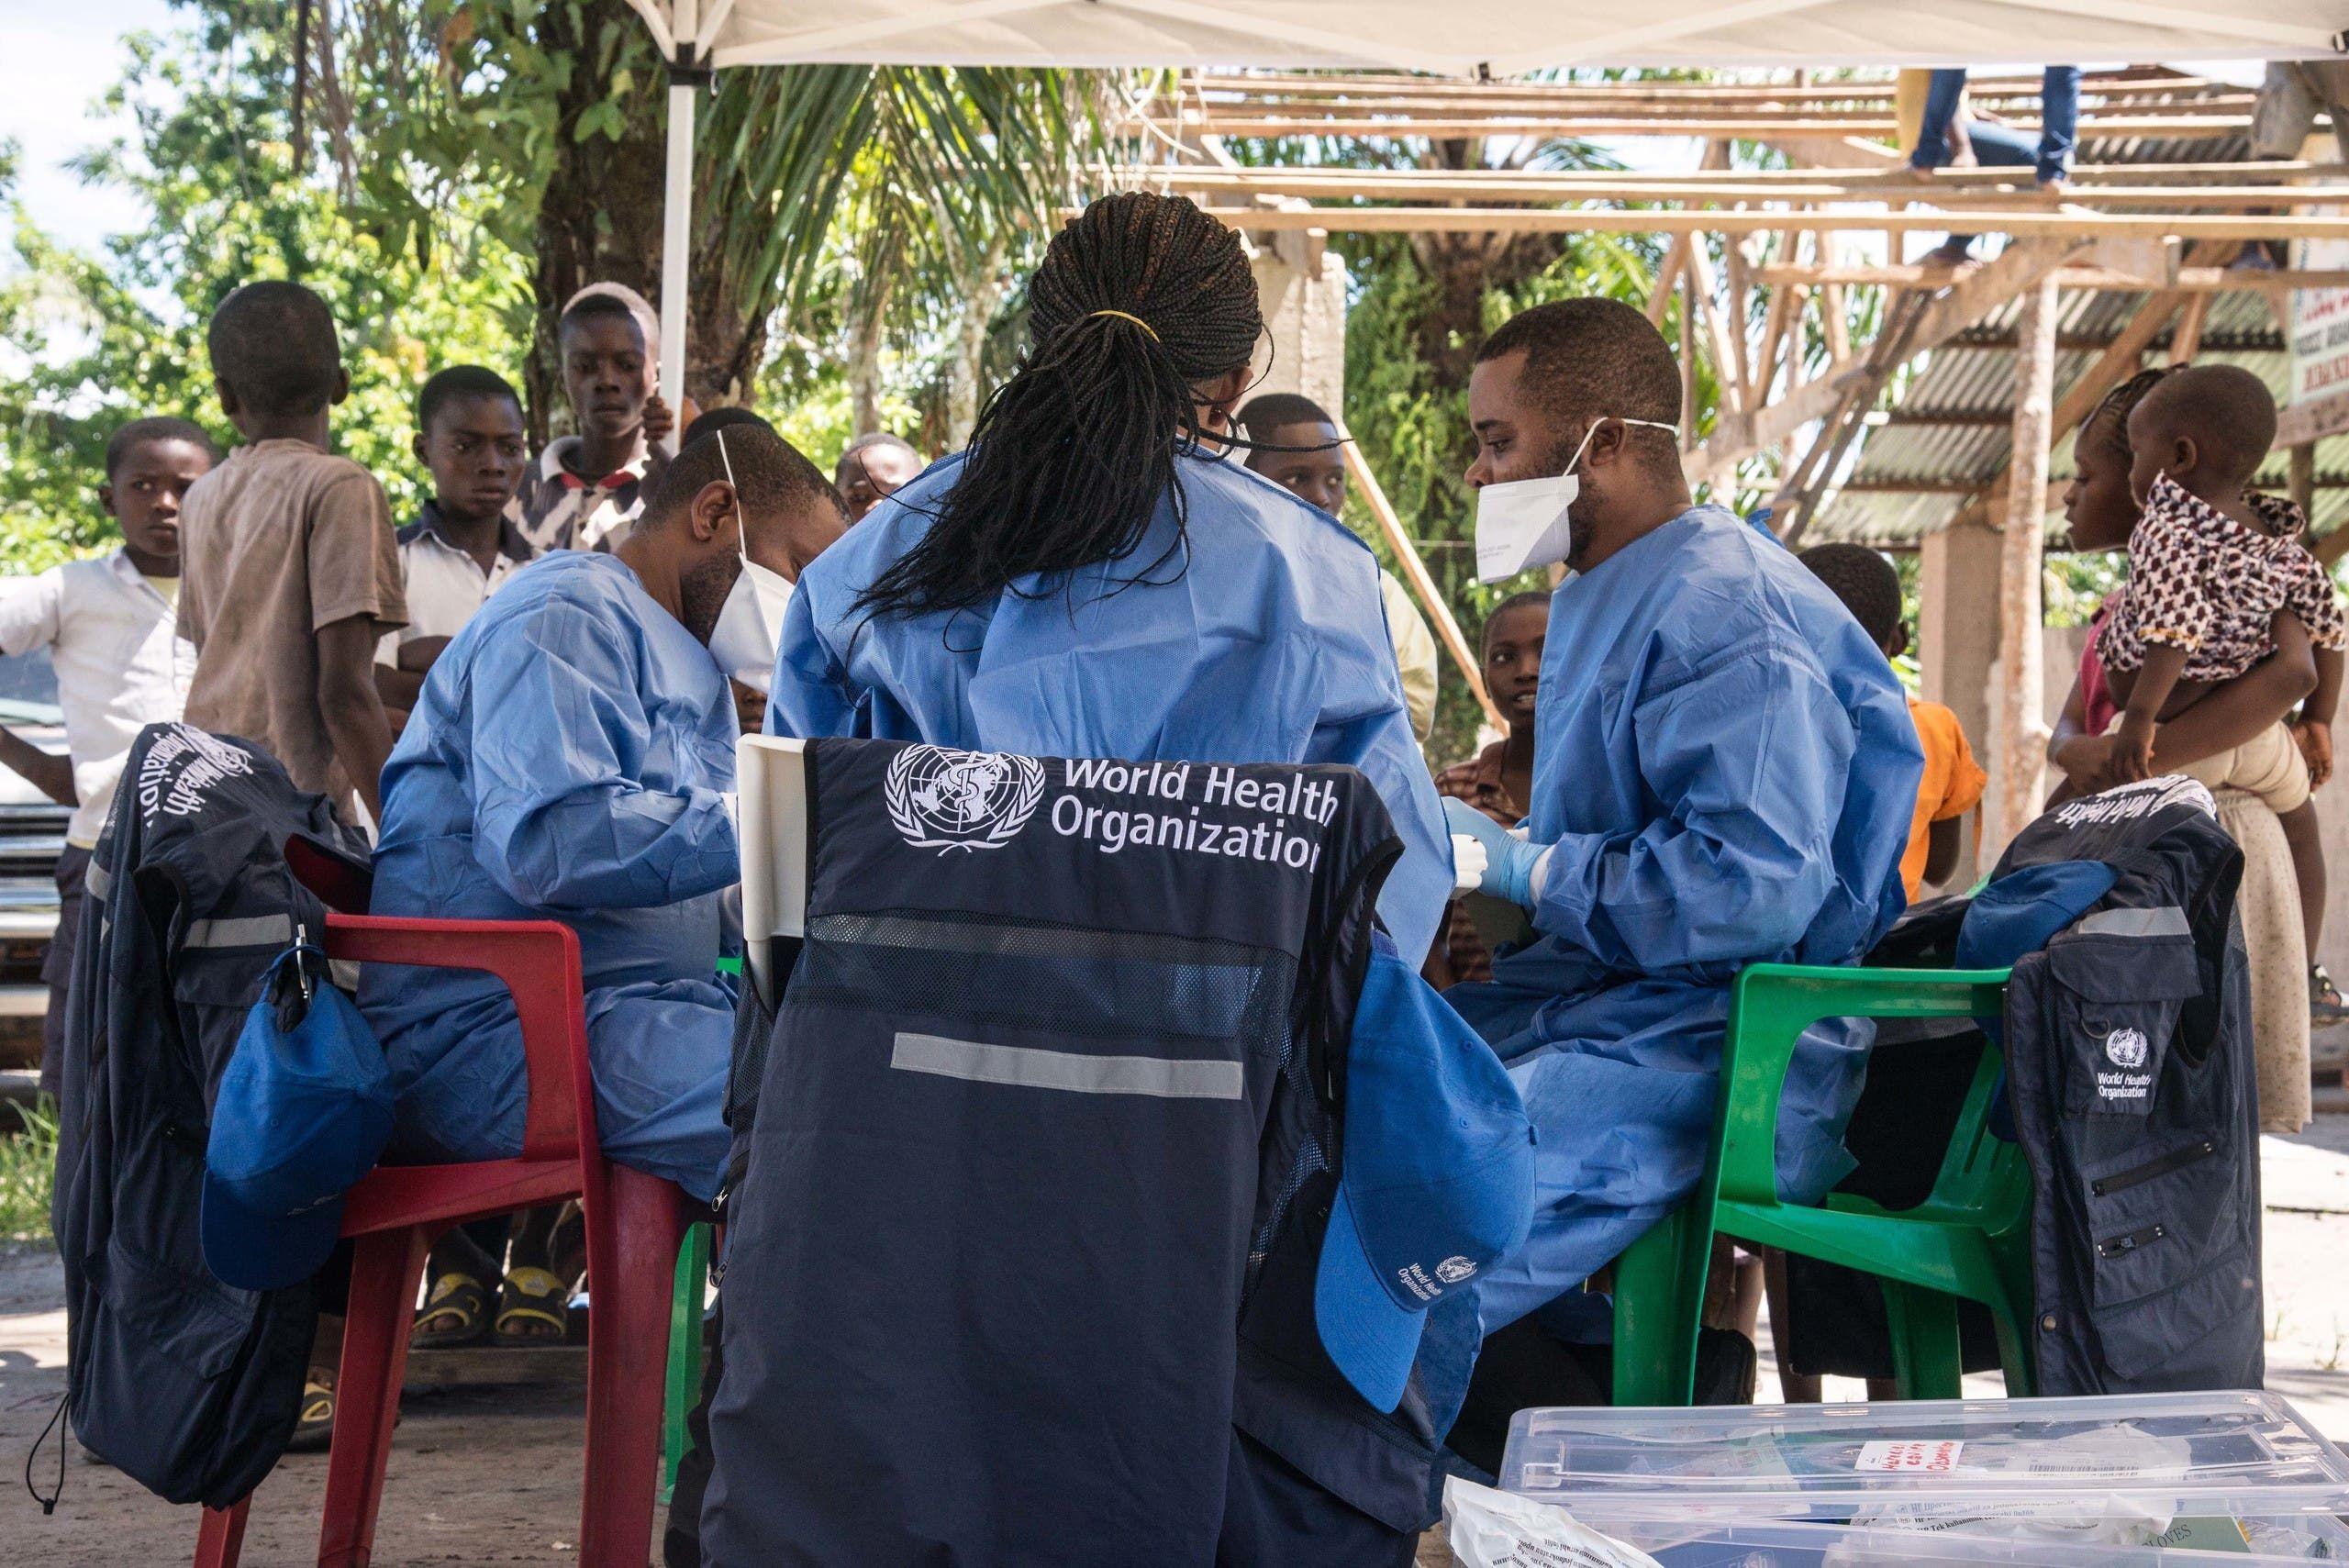 فريق من منظمة الصحة خلال حملة مكافحة ايبولا في الكونغو الديمقراطية في 2018 (أرشيفية)